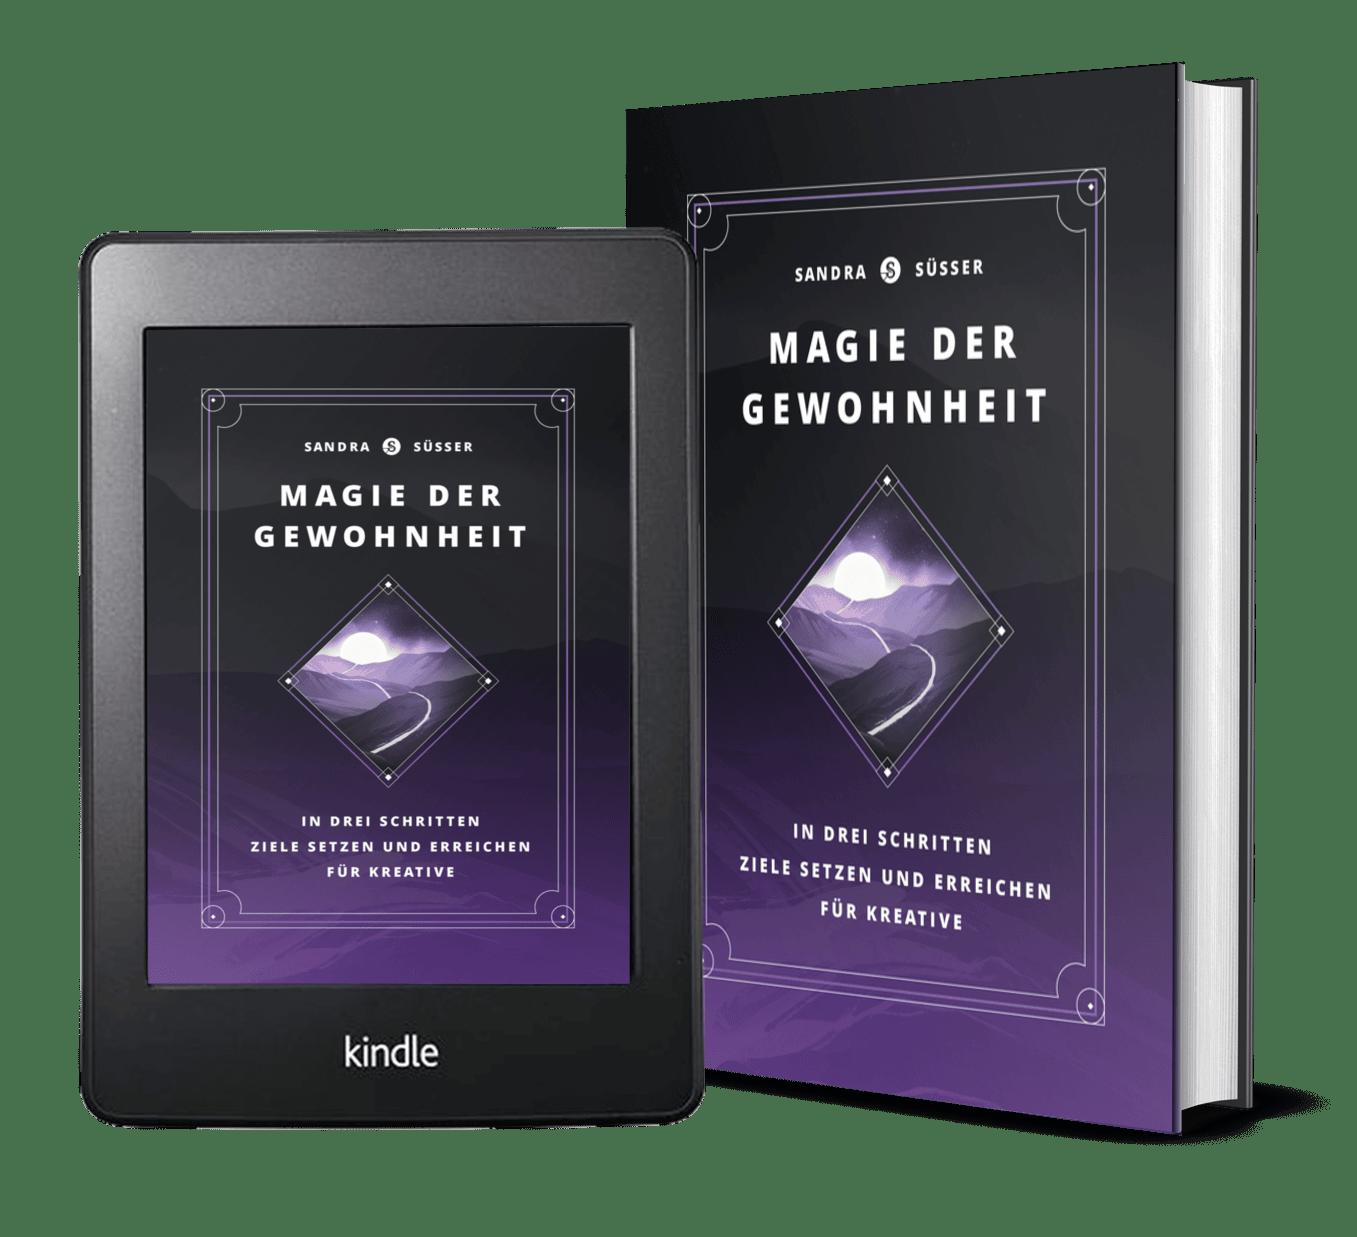 Mein Buch für deine Persönlichkeitsentwicklung als kreativer Mensch